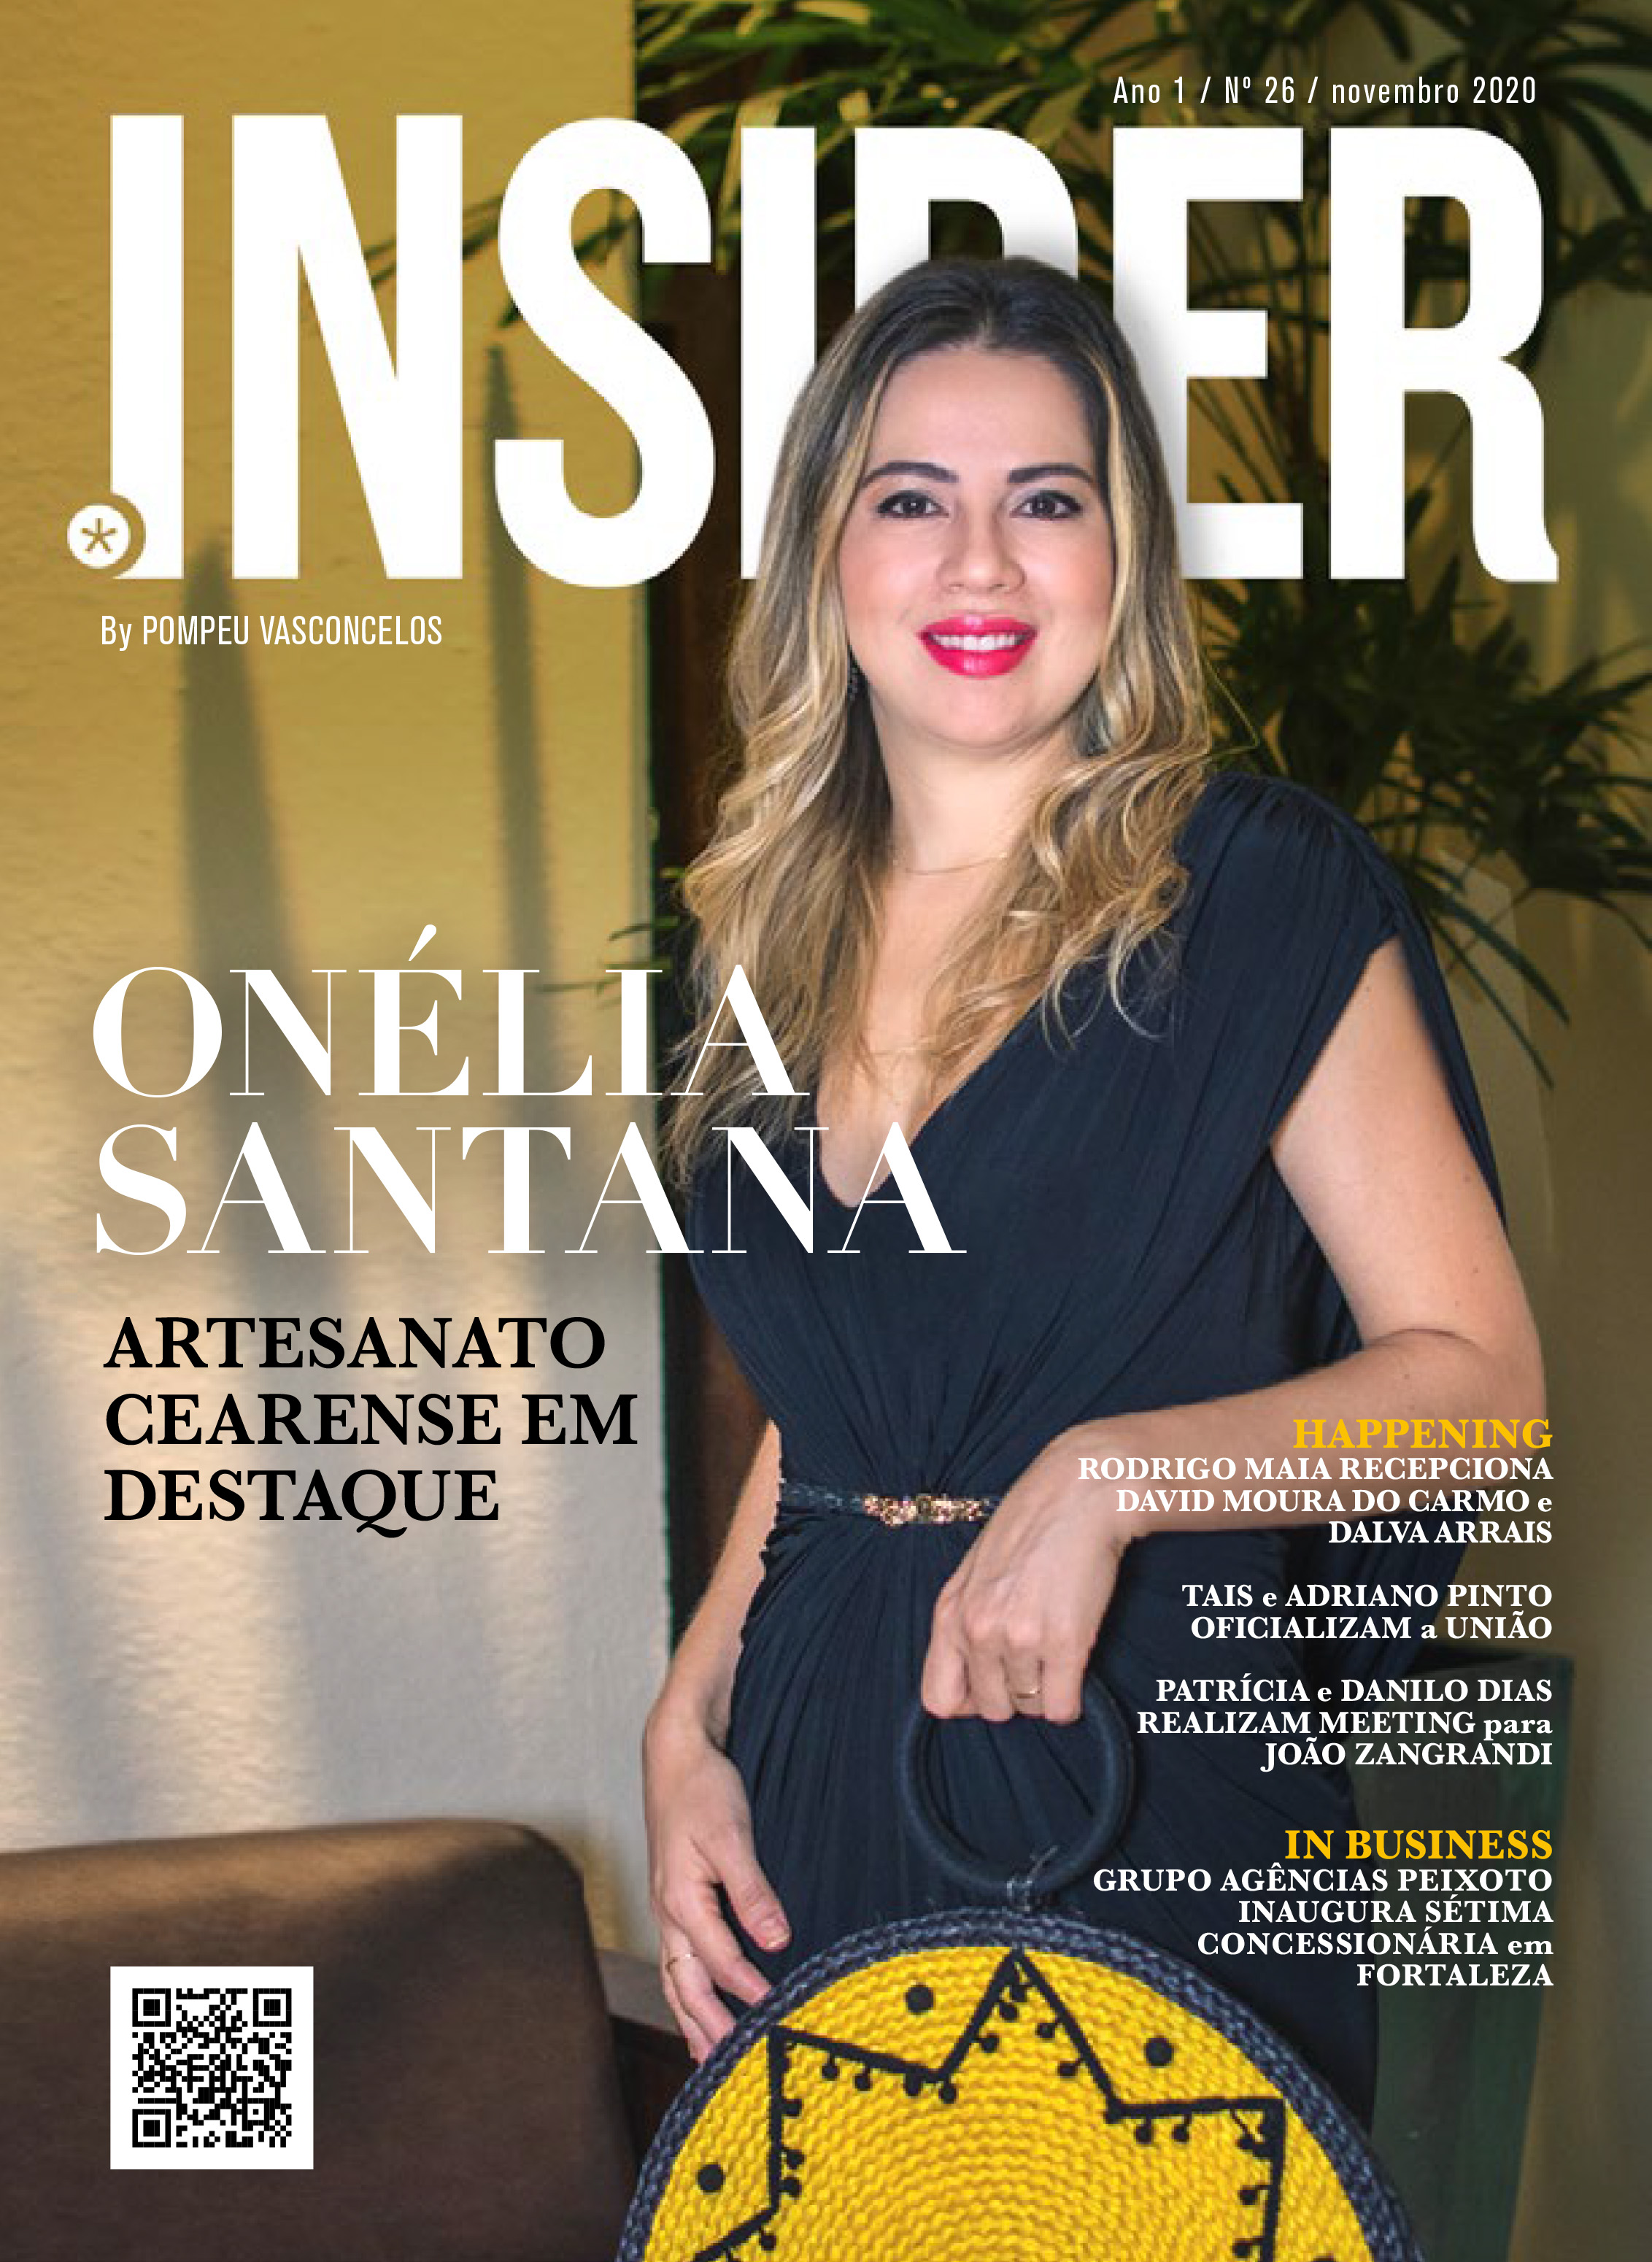 Nº 26 • ano 2020: Onélia Santana